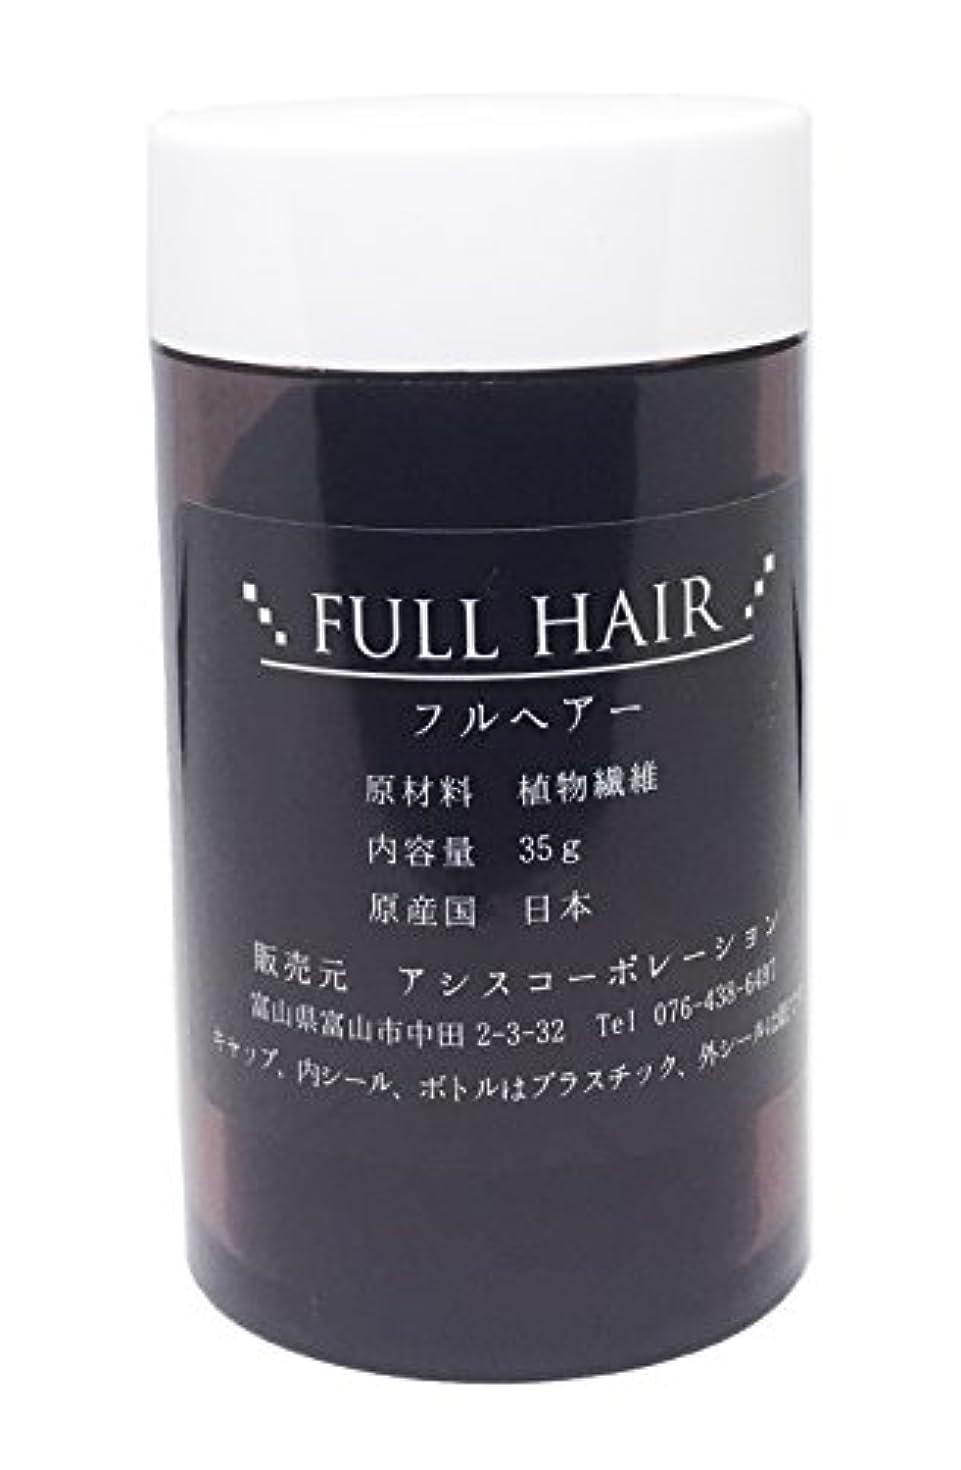 測定可能近代化ひらめきフルヘアー 35g ブラウン 増毛パウダー 薄毛隠し 円形脱毛症に